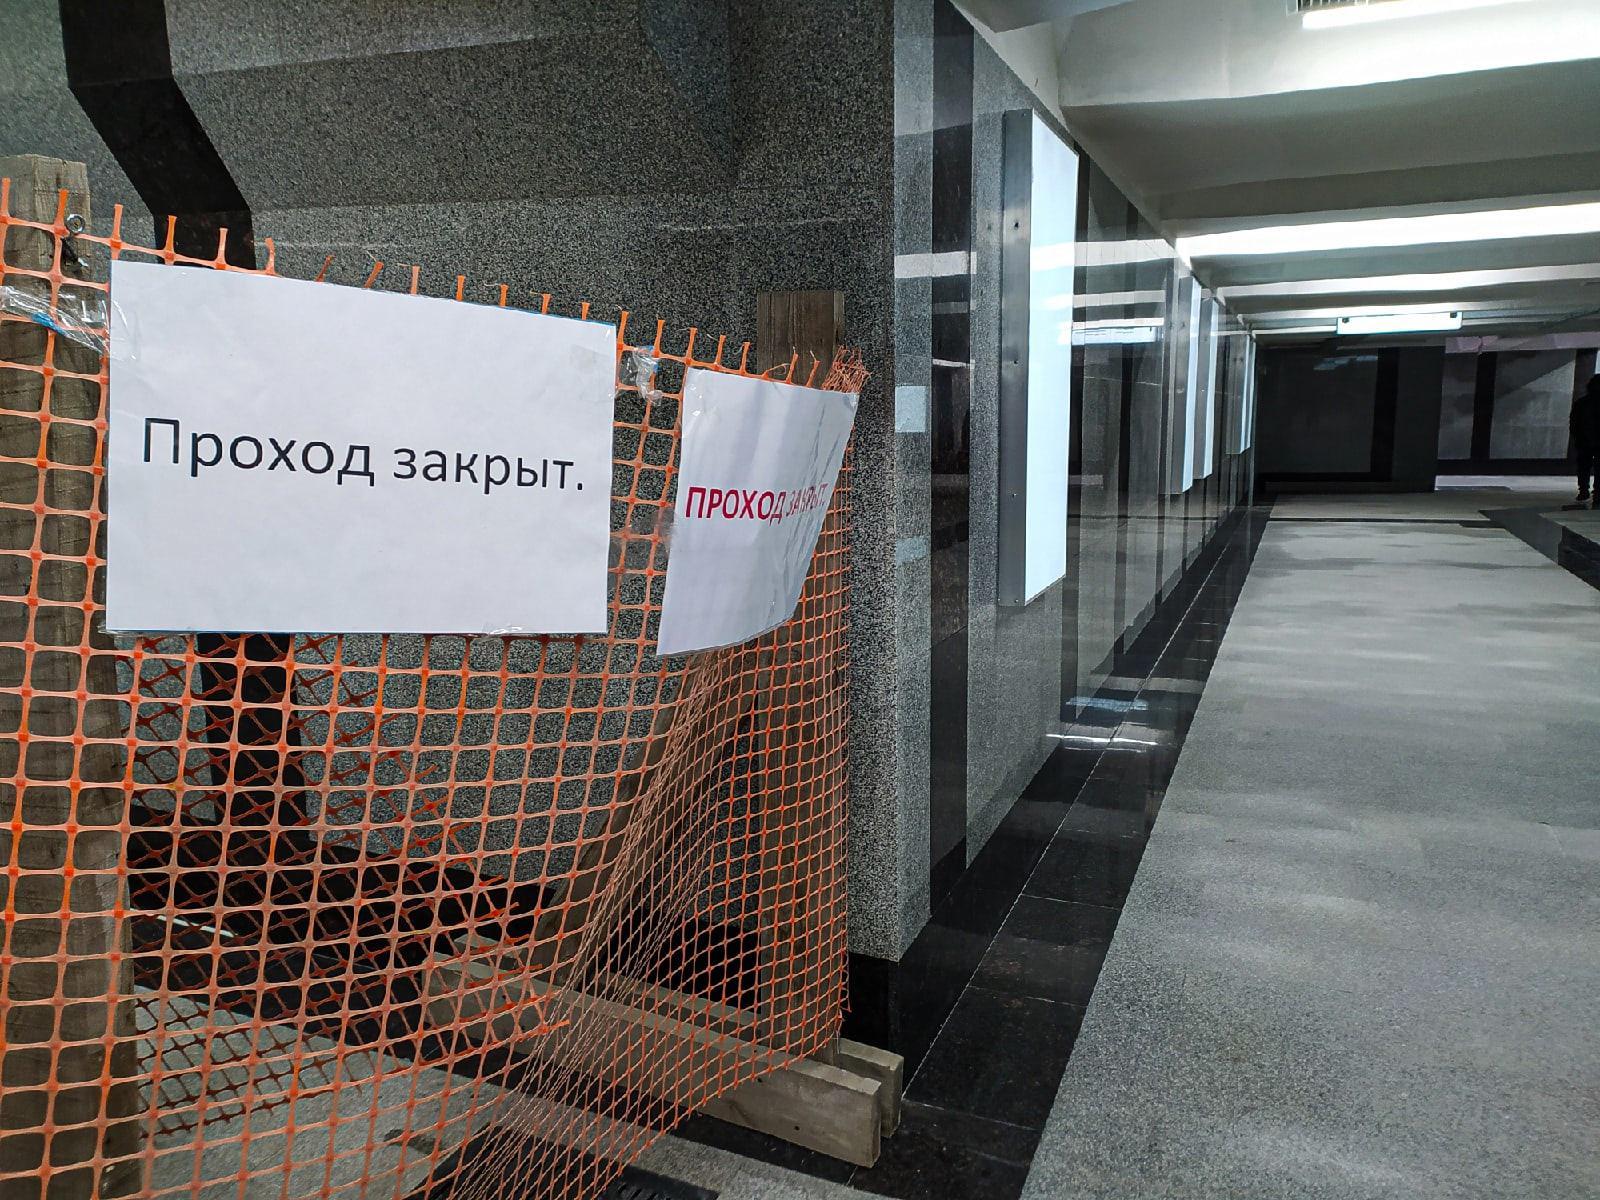 фото Подземный переход открыли на Красном проспекте в Новосибирске: 9 фото после реконструкции 8